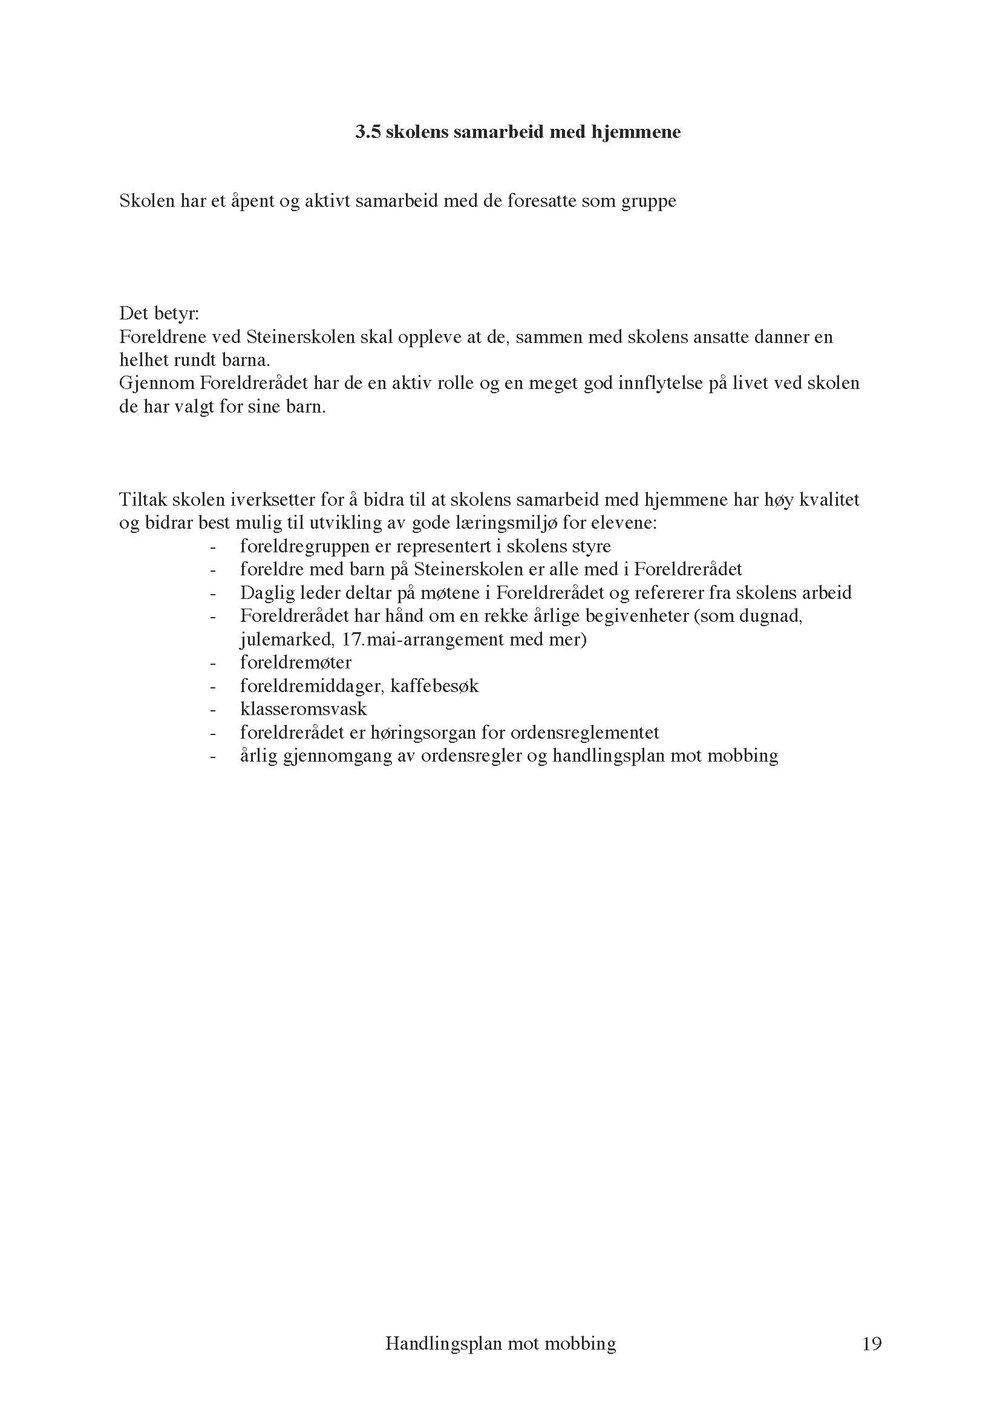 Handlingsplan mot mobbing _Page_19.jpg